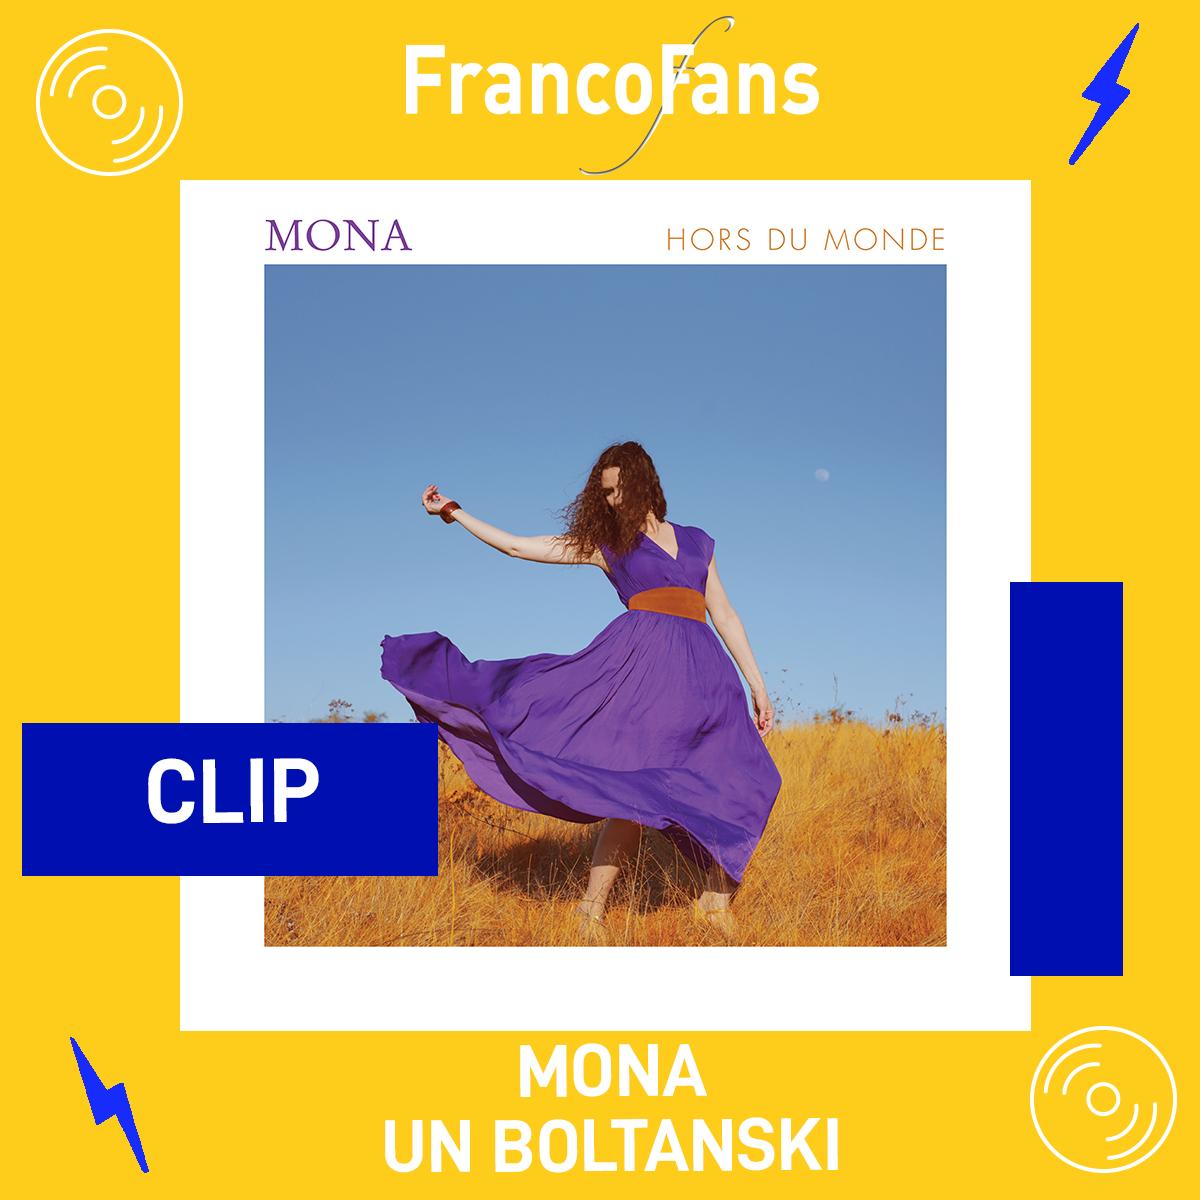 [Clip] Mona - Un Boltanski